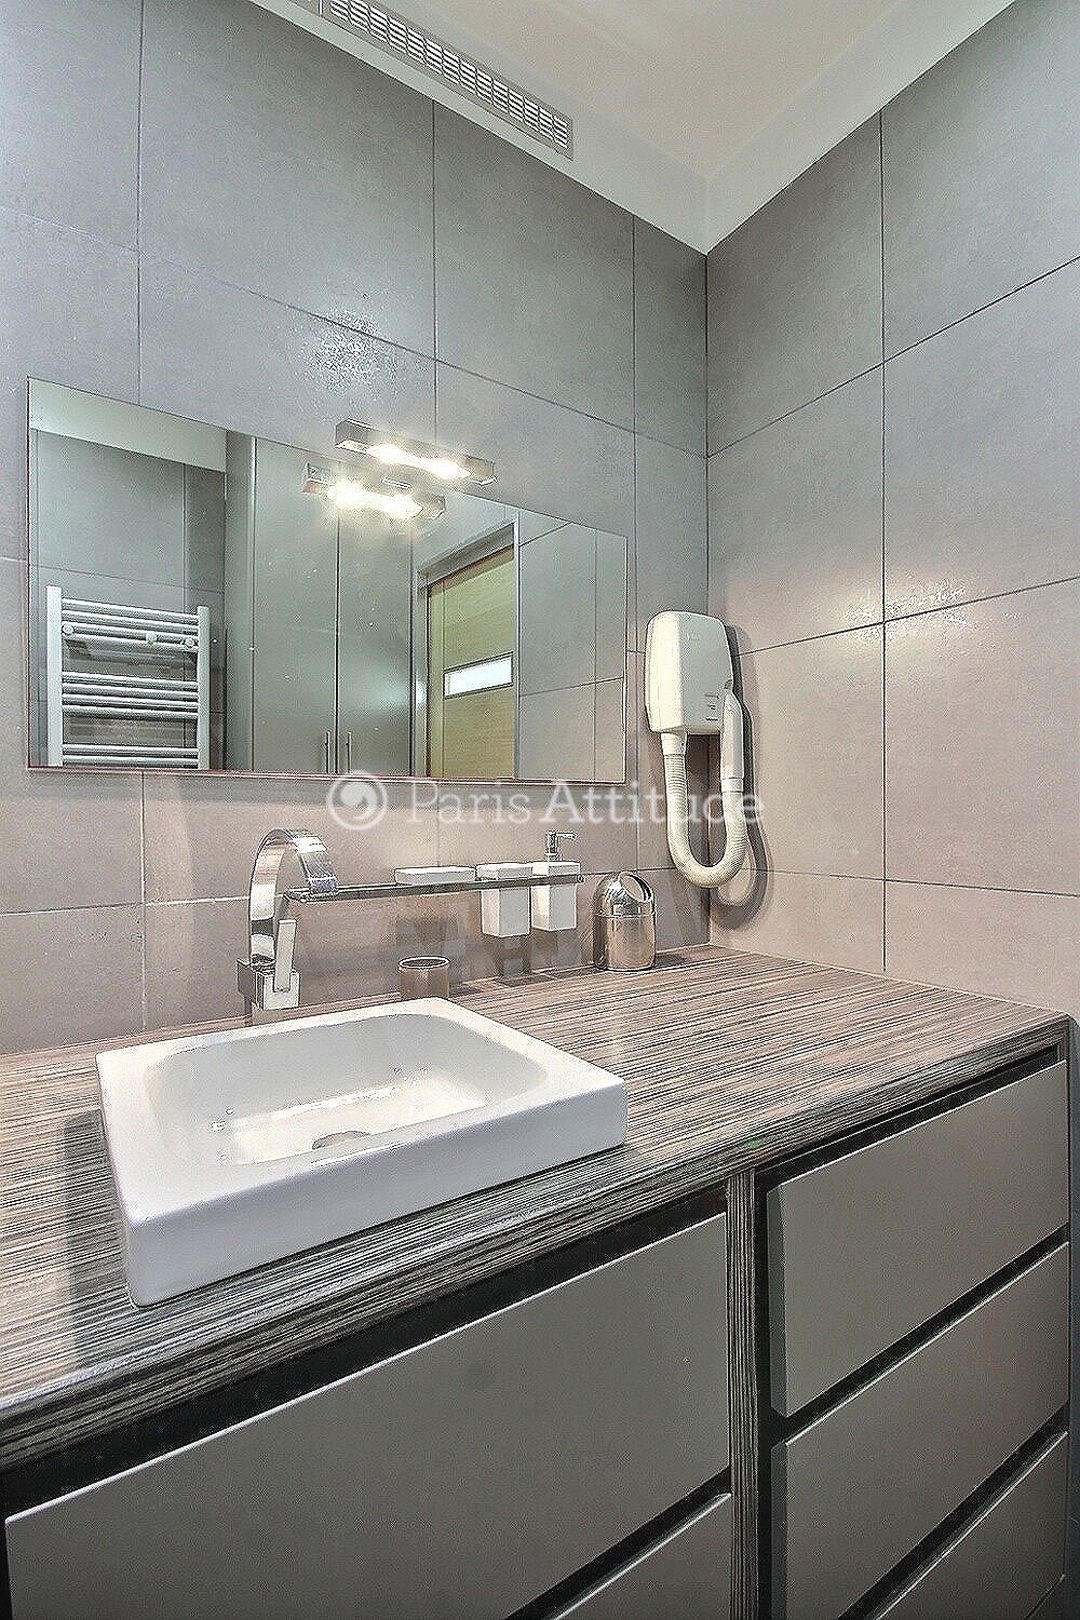 awesome salle de bain lavabo lave linge photos - amazing house